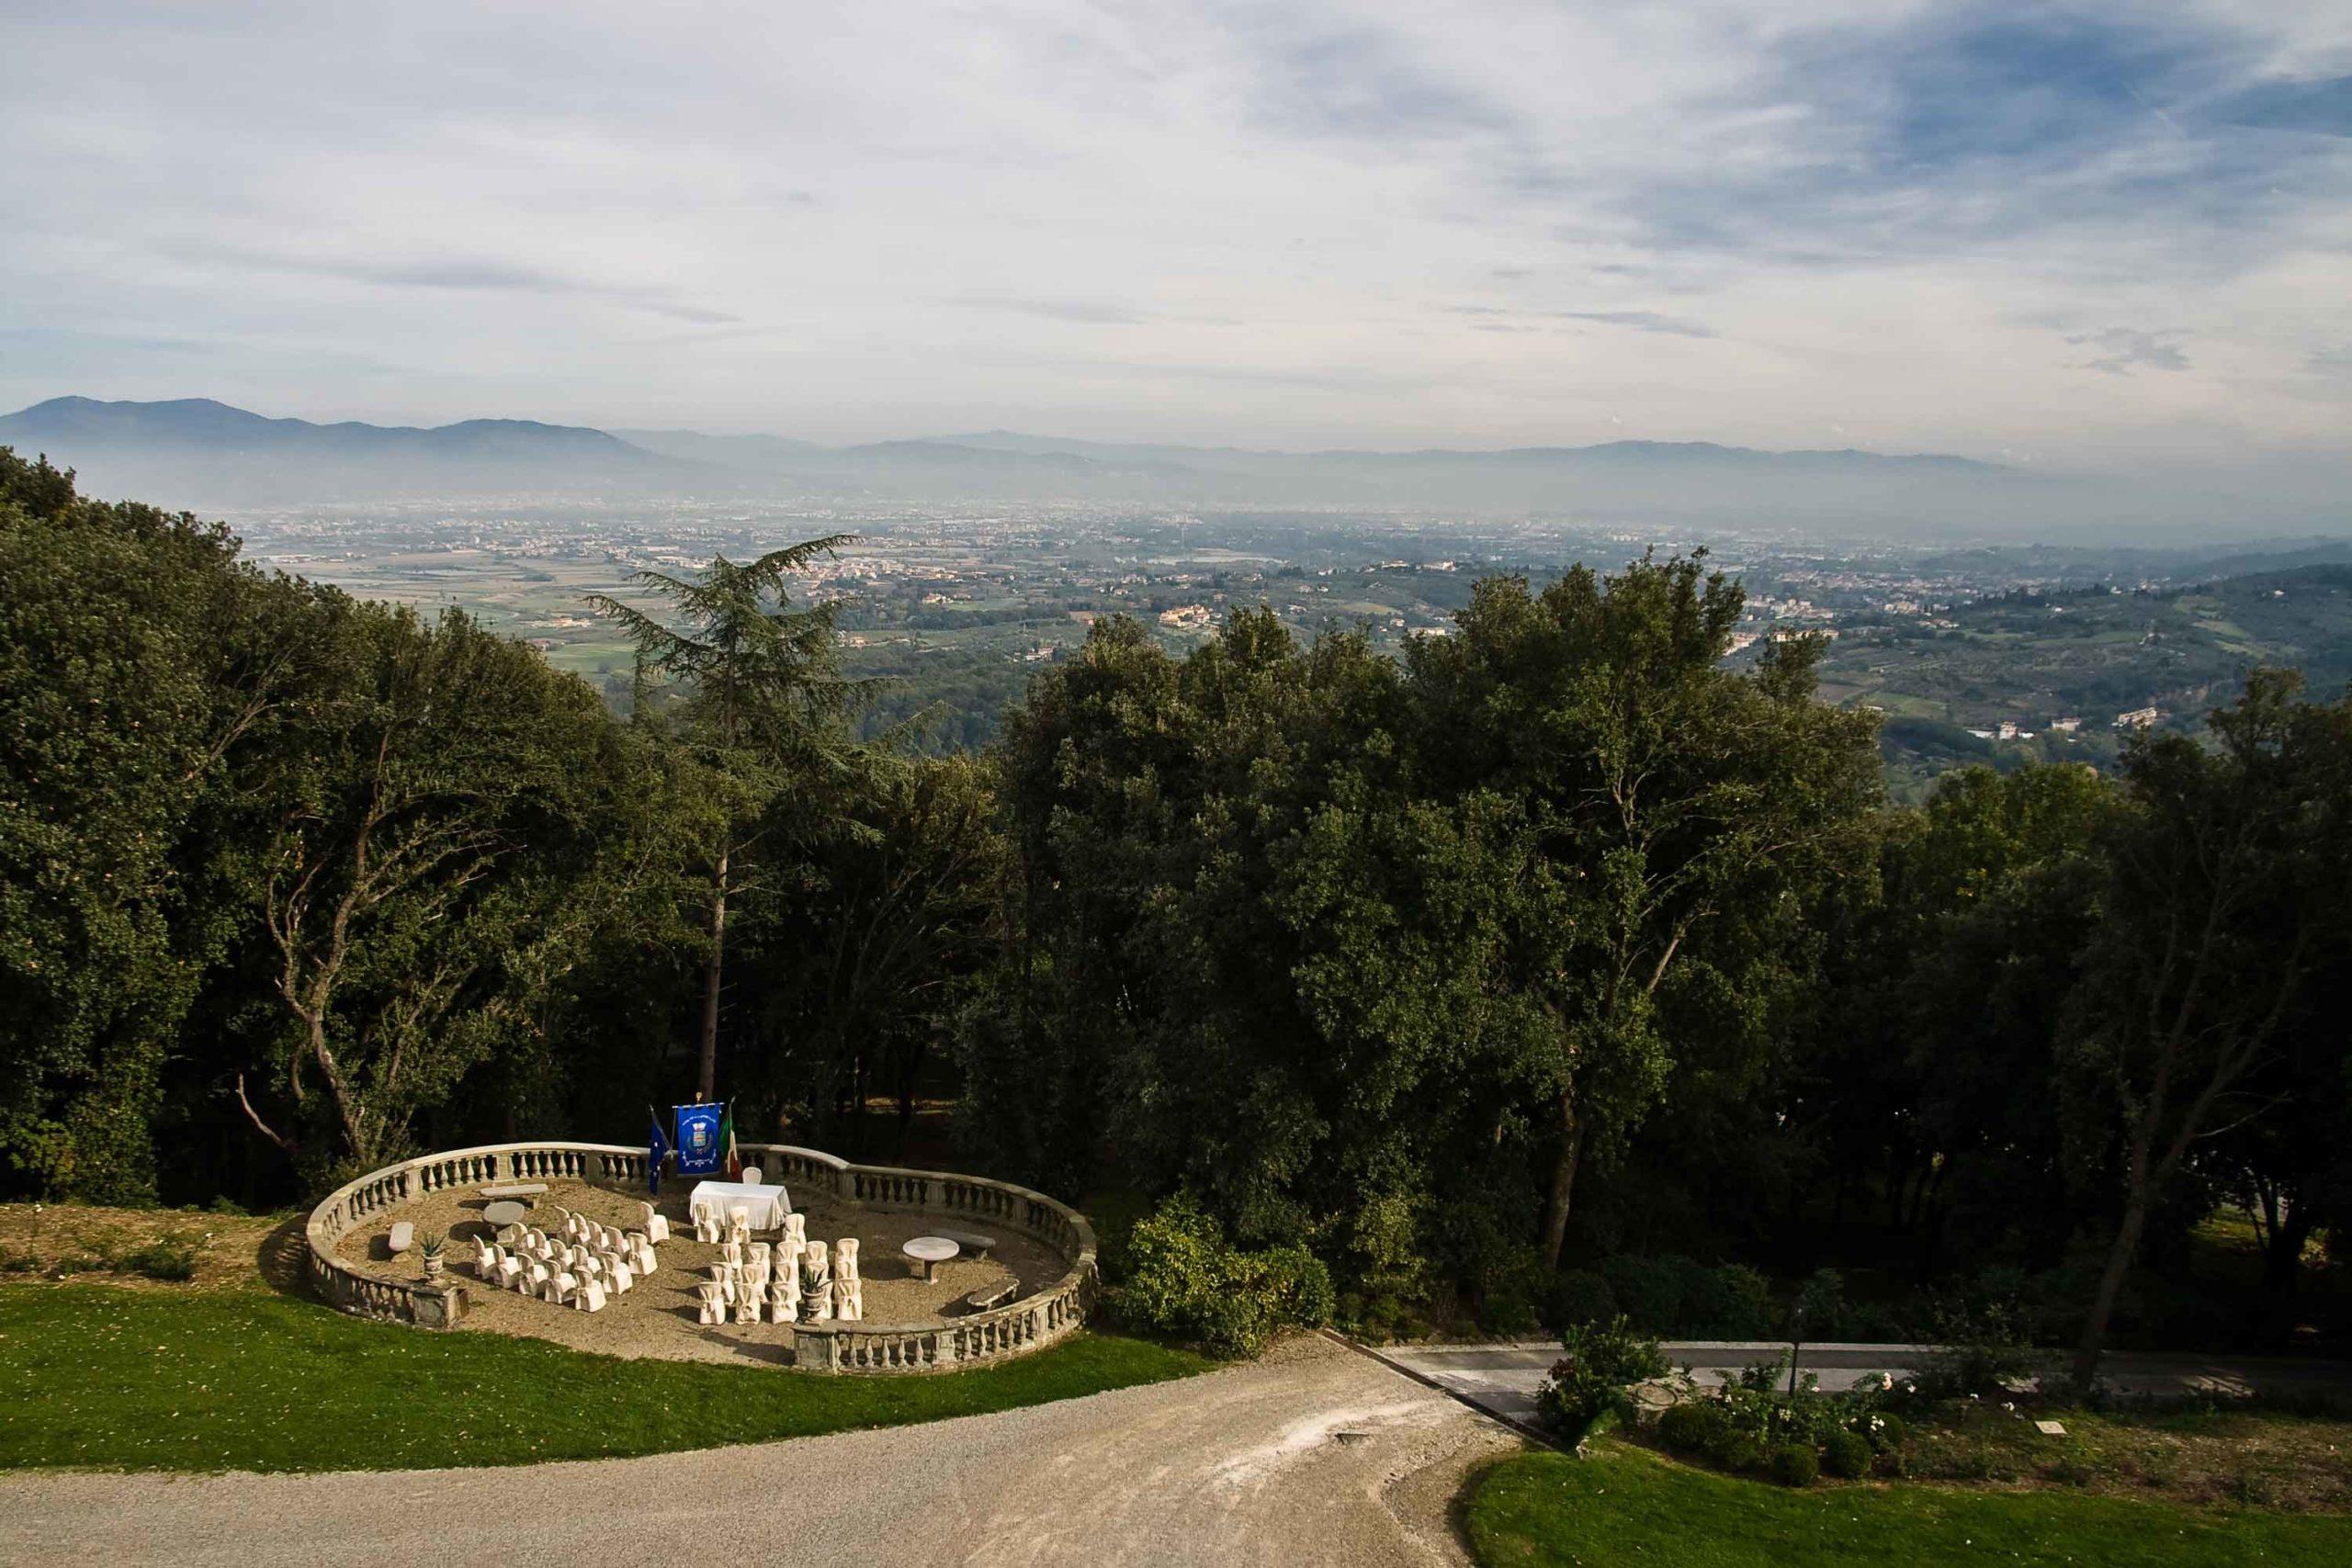 rito-civile-giardino-del-leccio-villa-ferdinanda